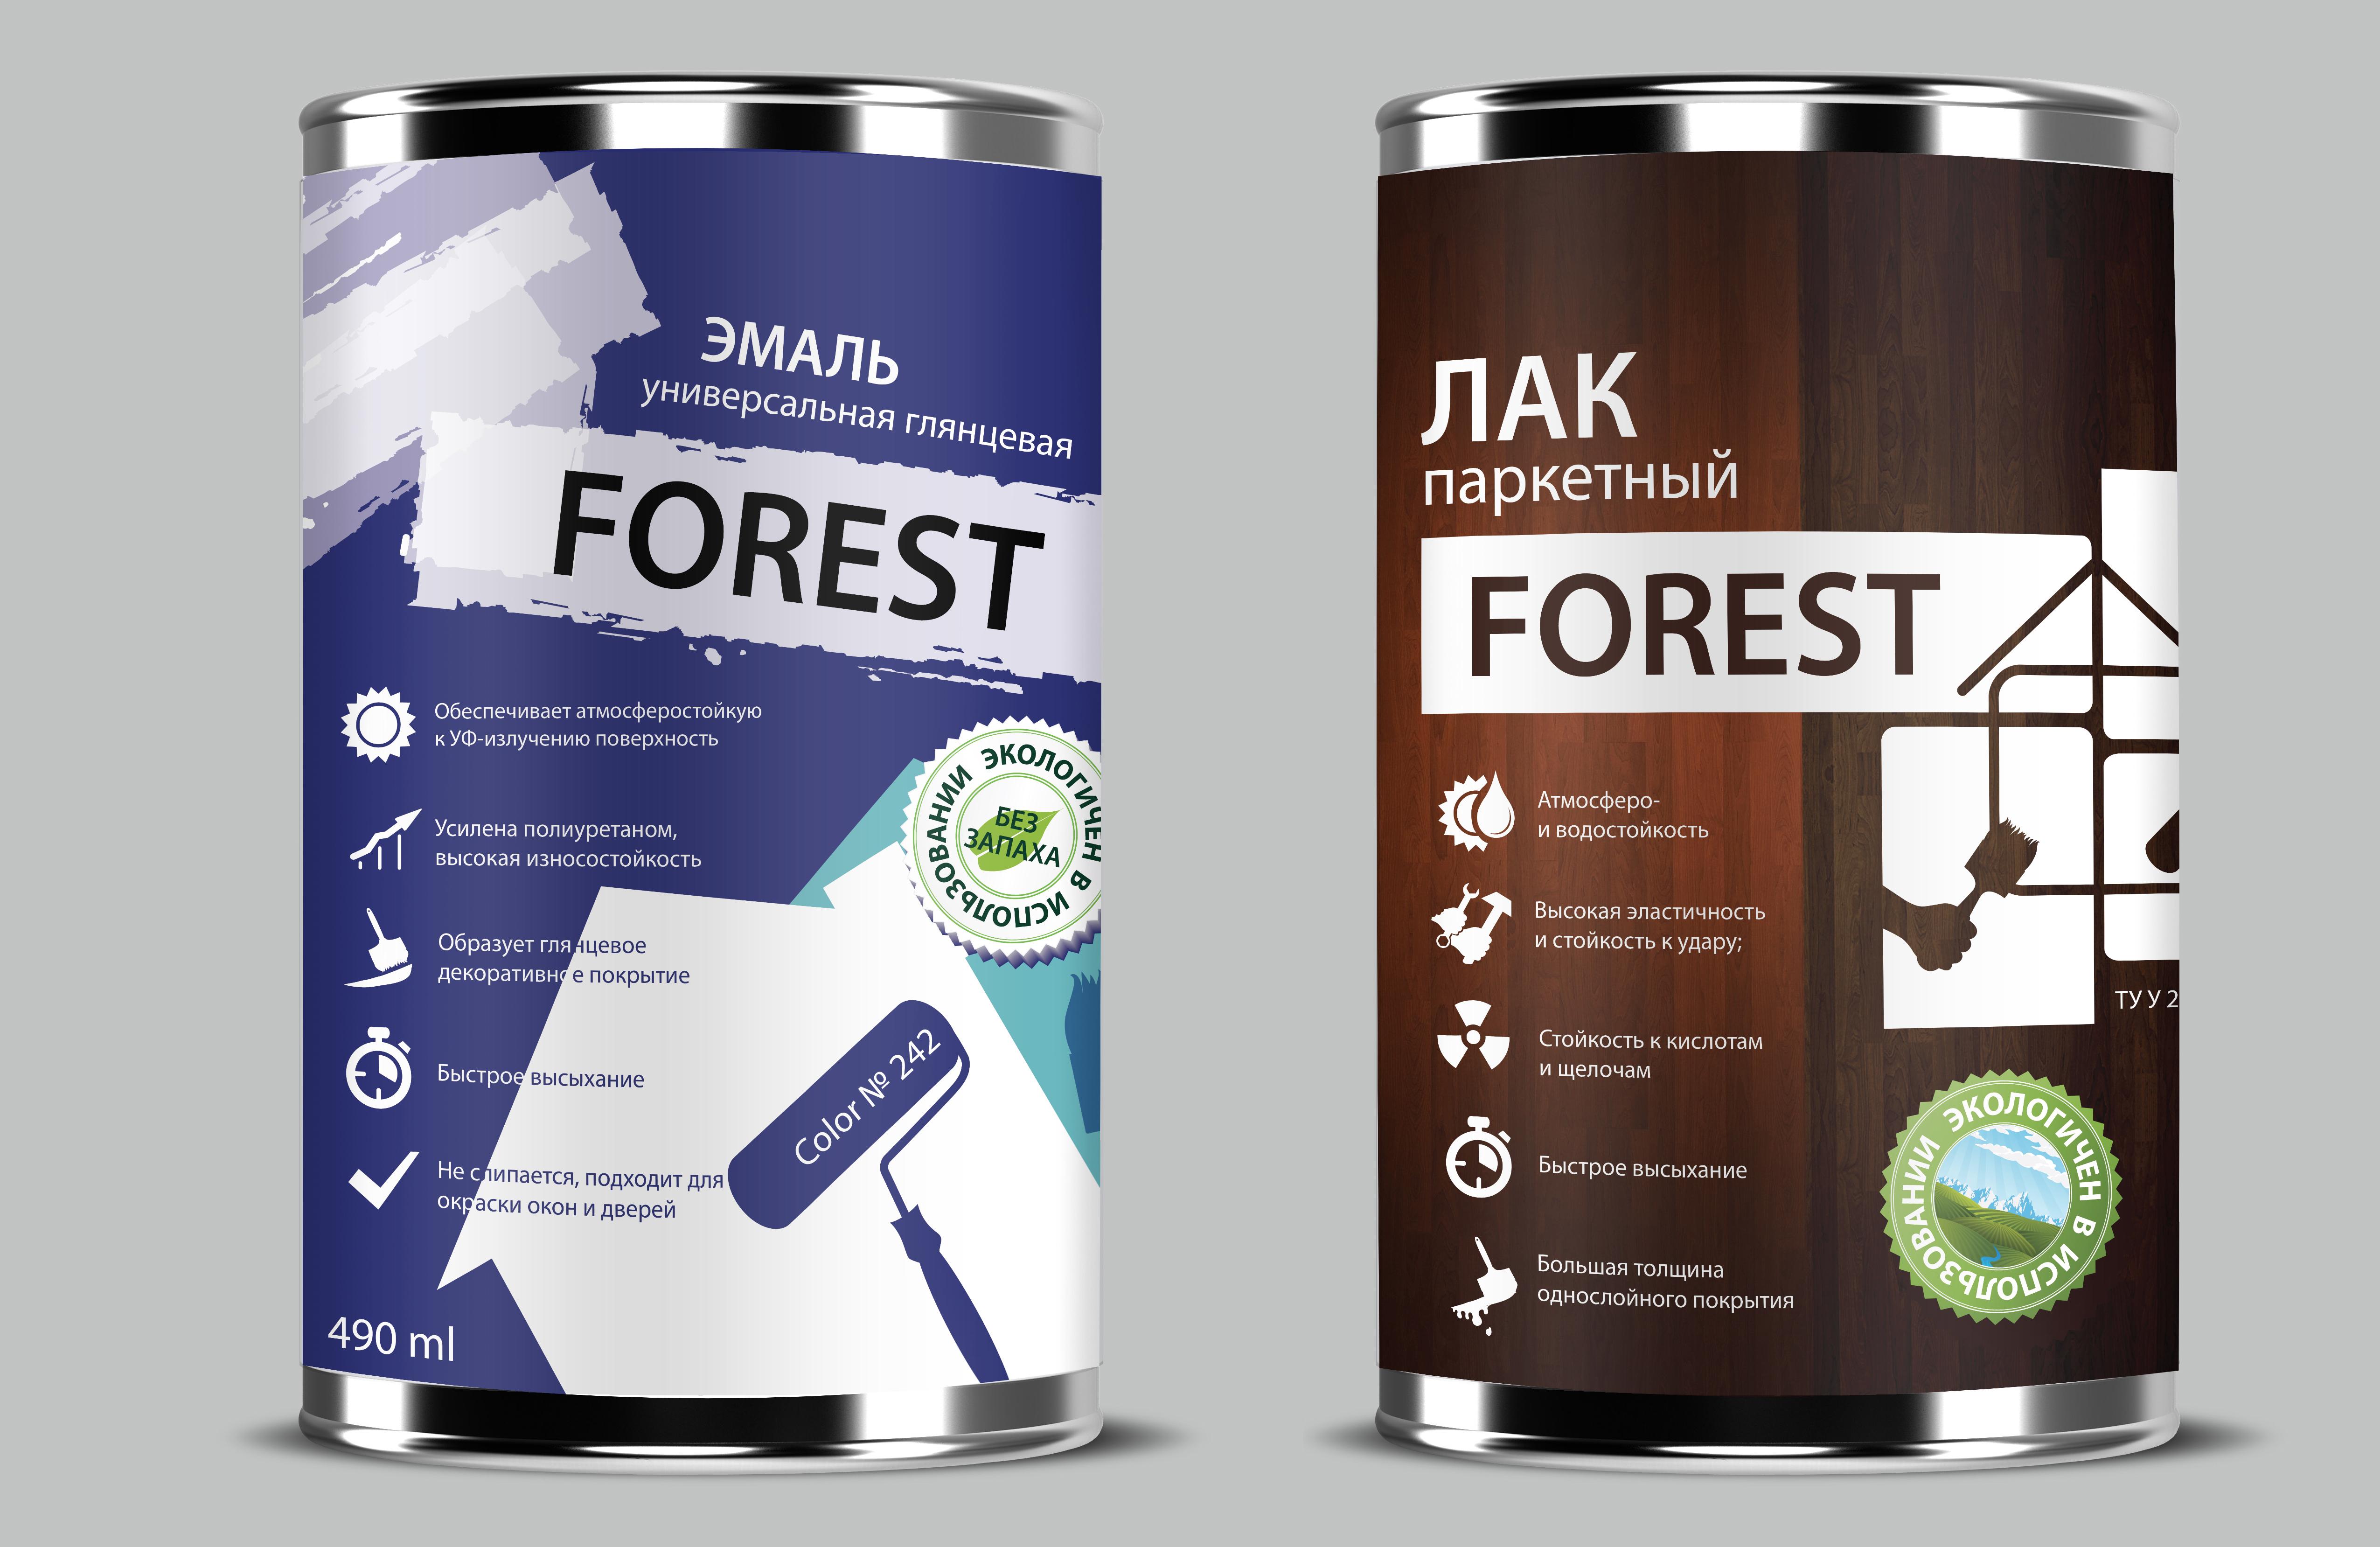 Концепт этикетки для торговой марки «FOREST» (Лакокрасочные изделия)